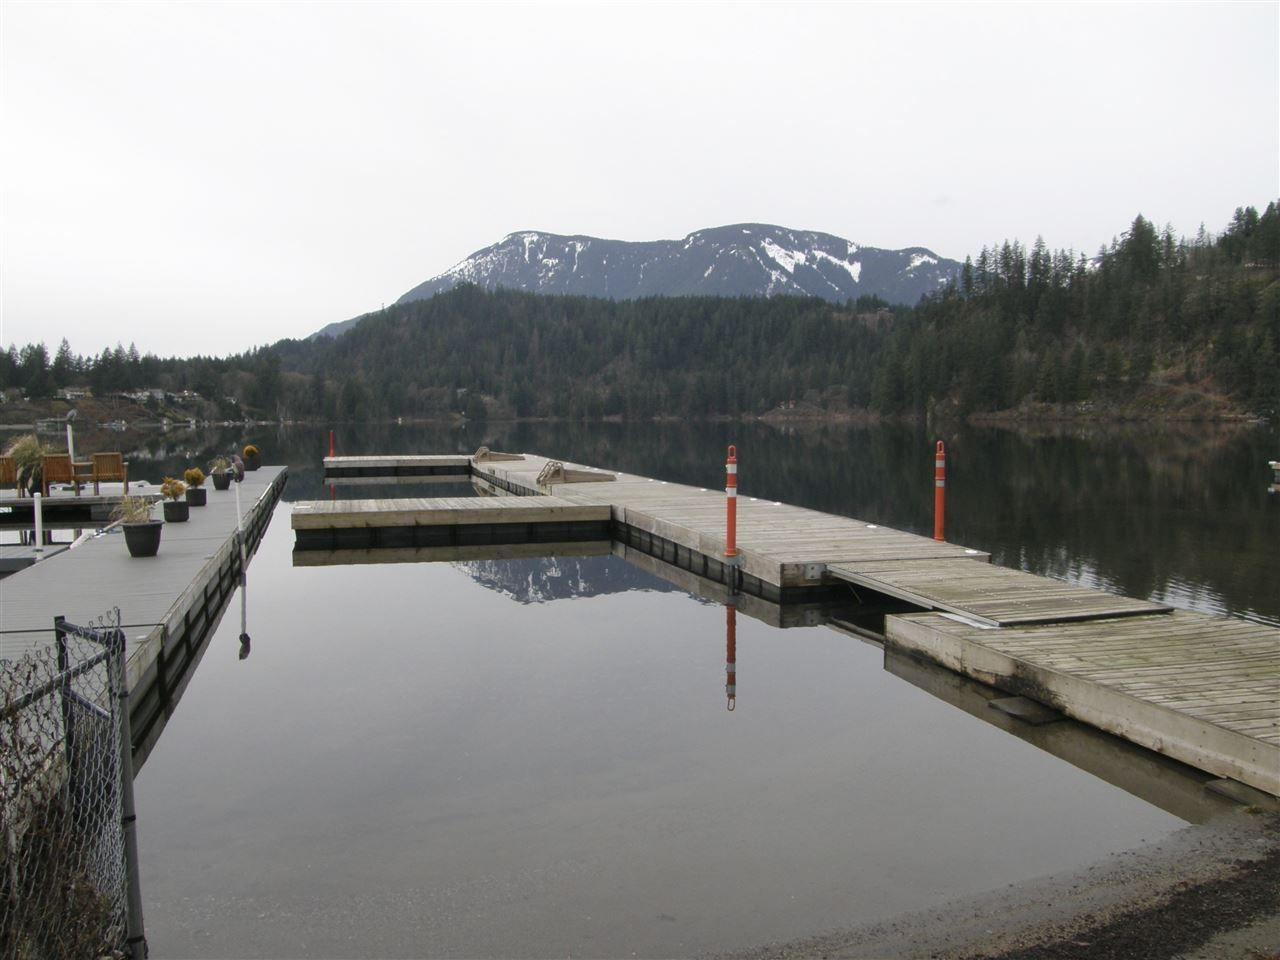 Main Photo: 66620 KERELUK Road in Hope: Hope Kawkawa Lake Land for sale : MLS®# R2529767